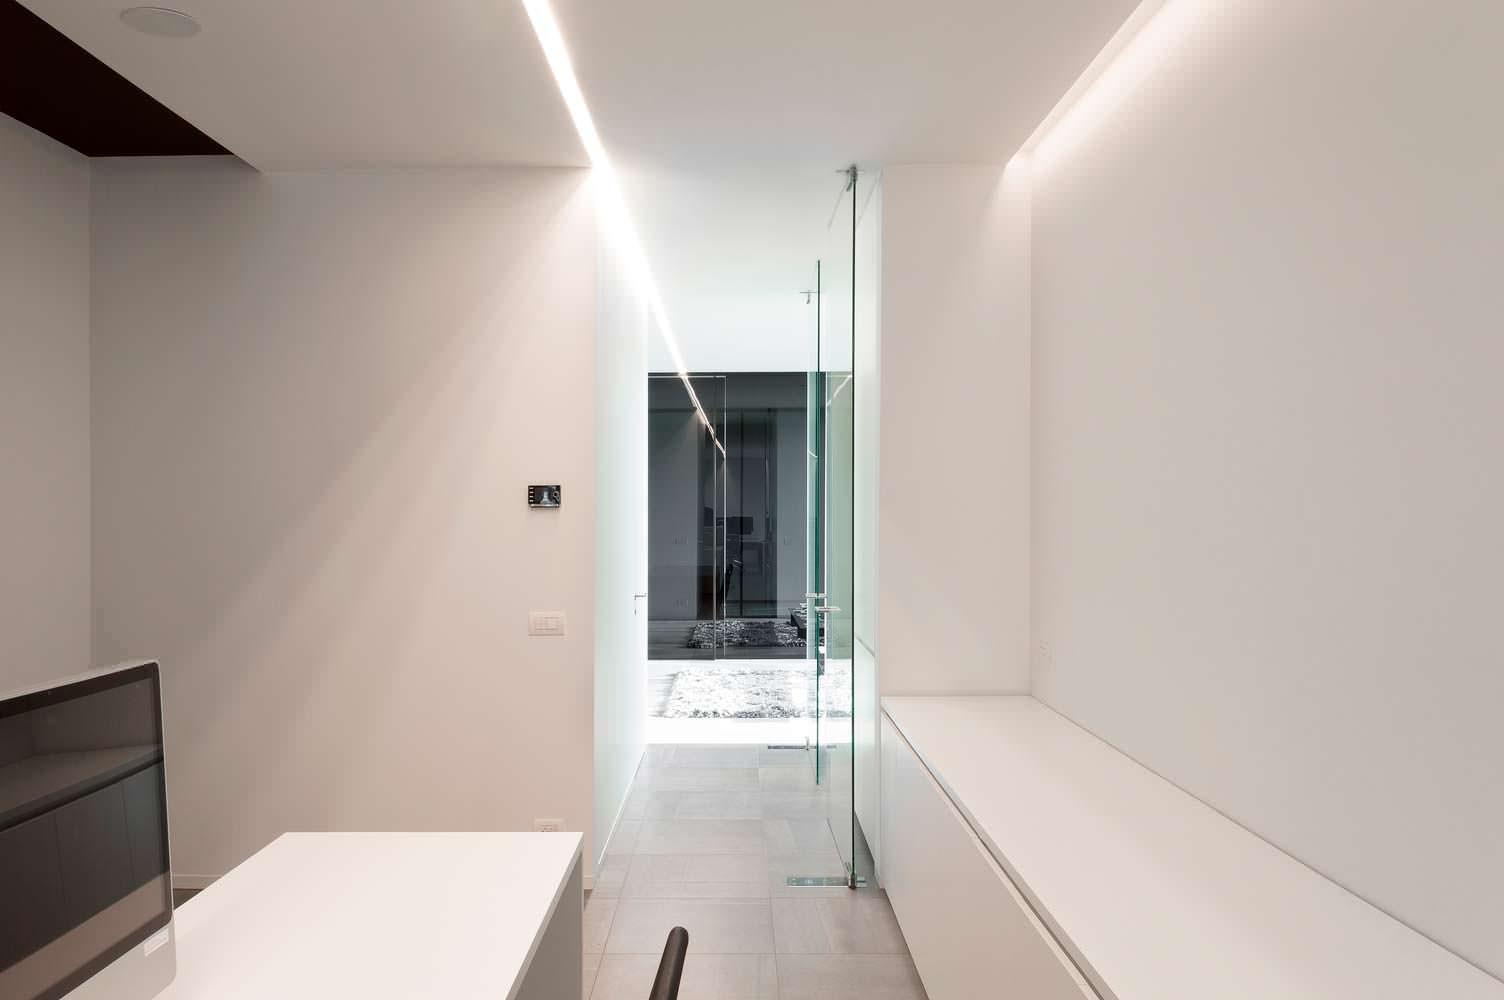 Дизайн в стиле минимализм от DE JAEGHERE Architectuuratelier